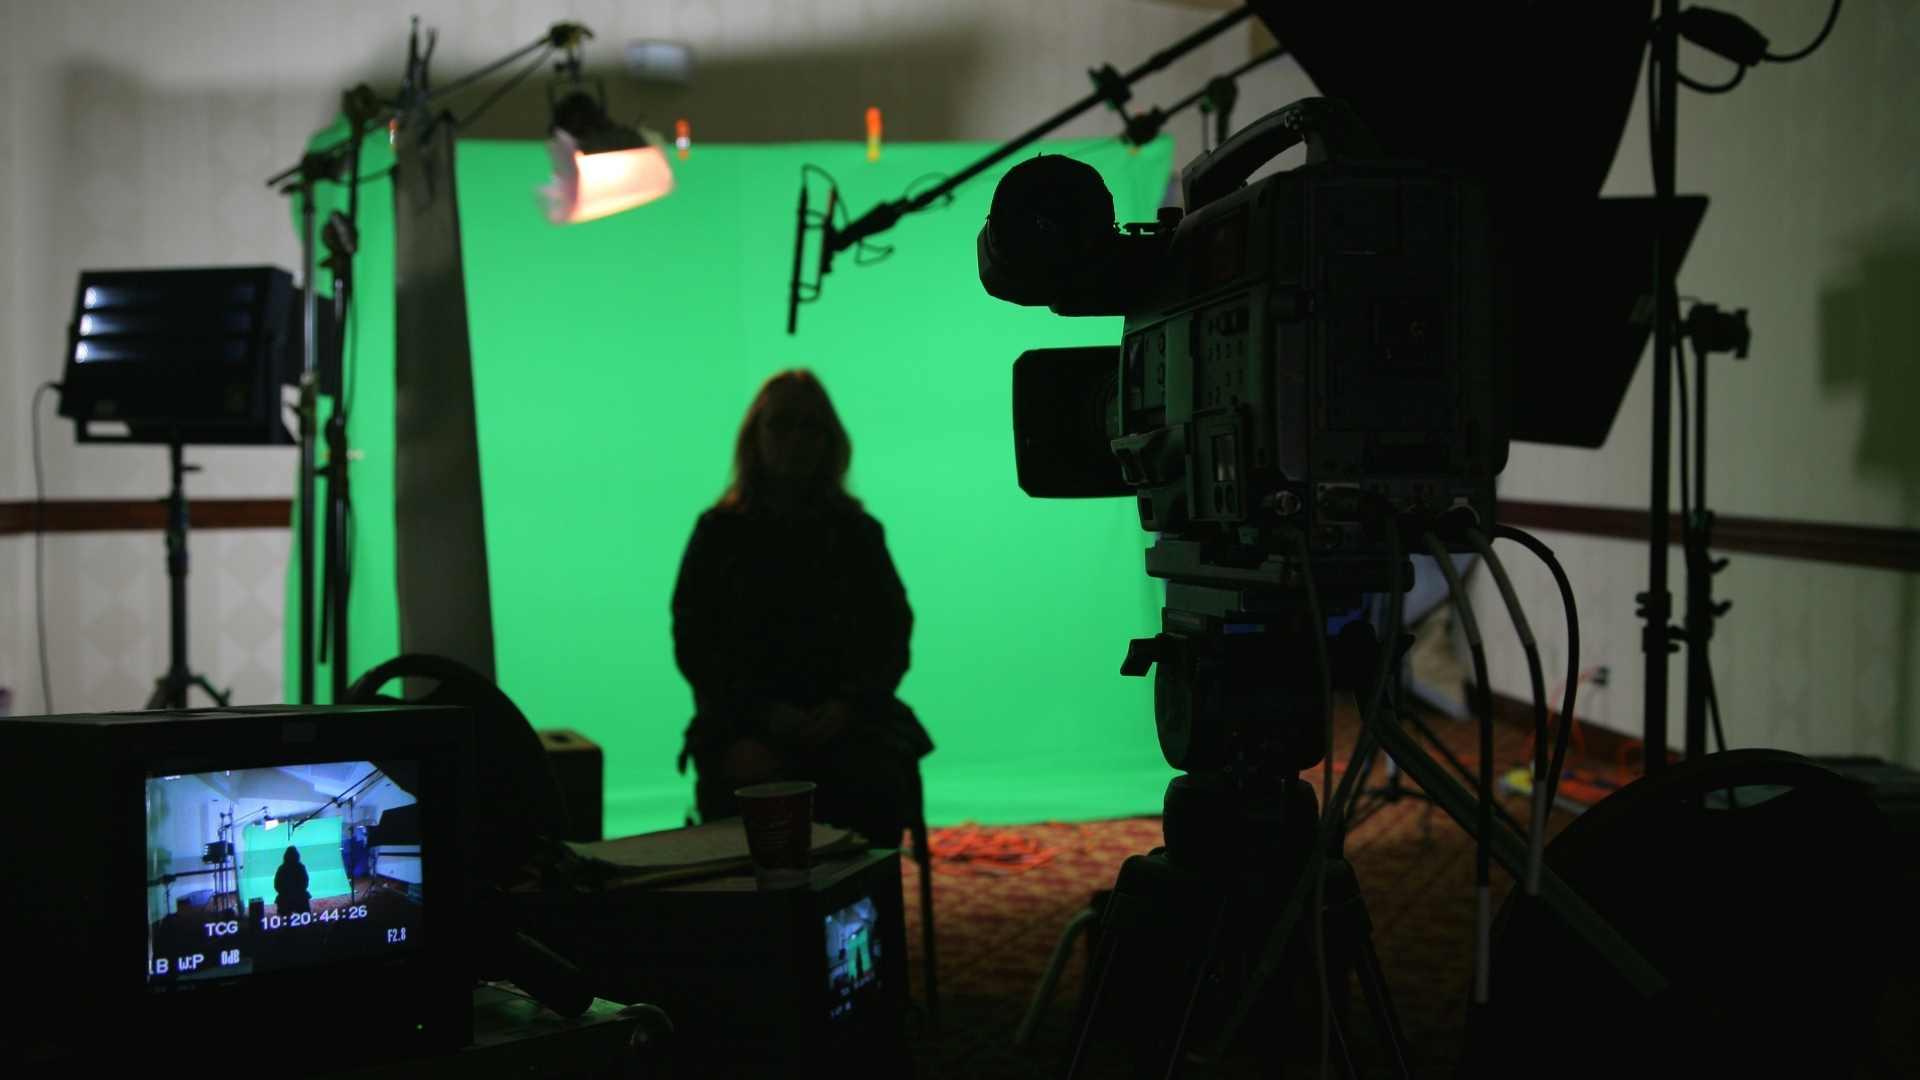 vidéo content marketing 1 www.nouvelleereprodcution.fr